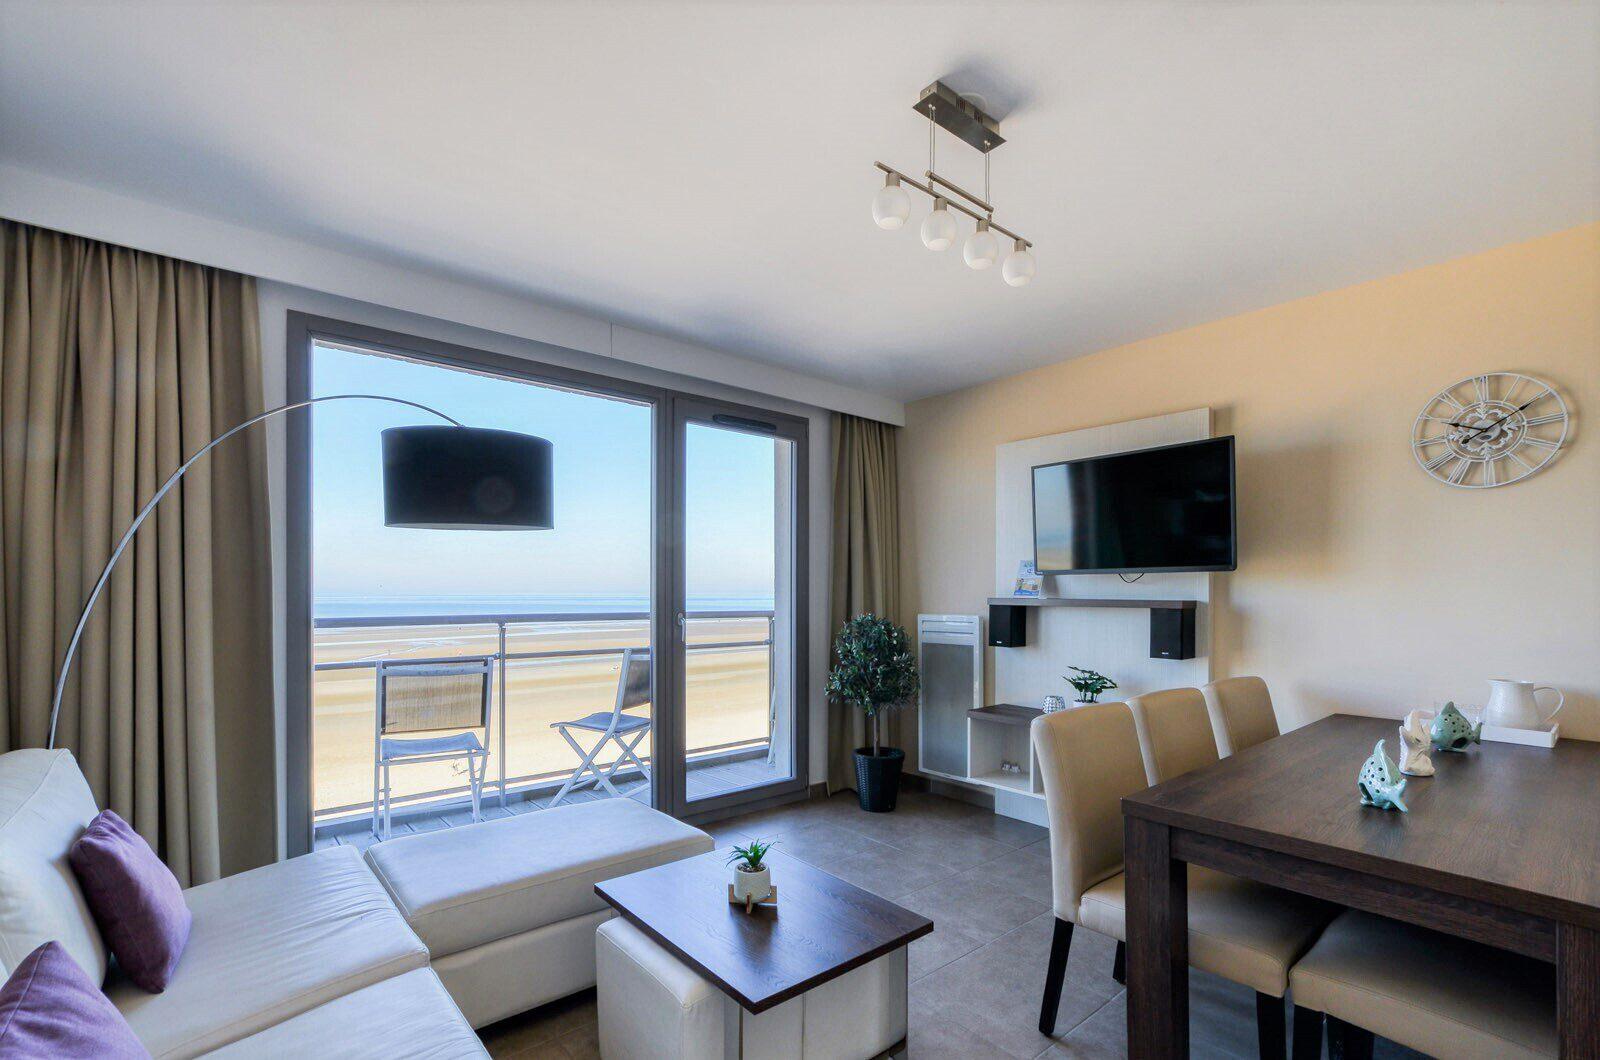 Appartements tout confort jusqu'à 6 personnes avec vue mer